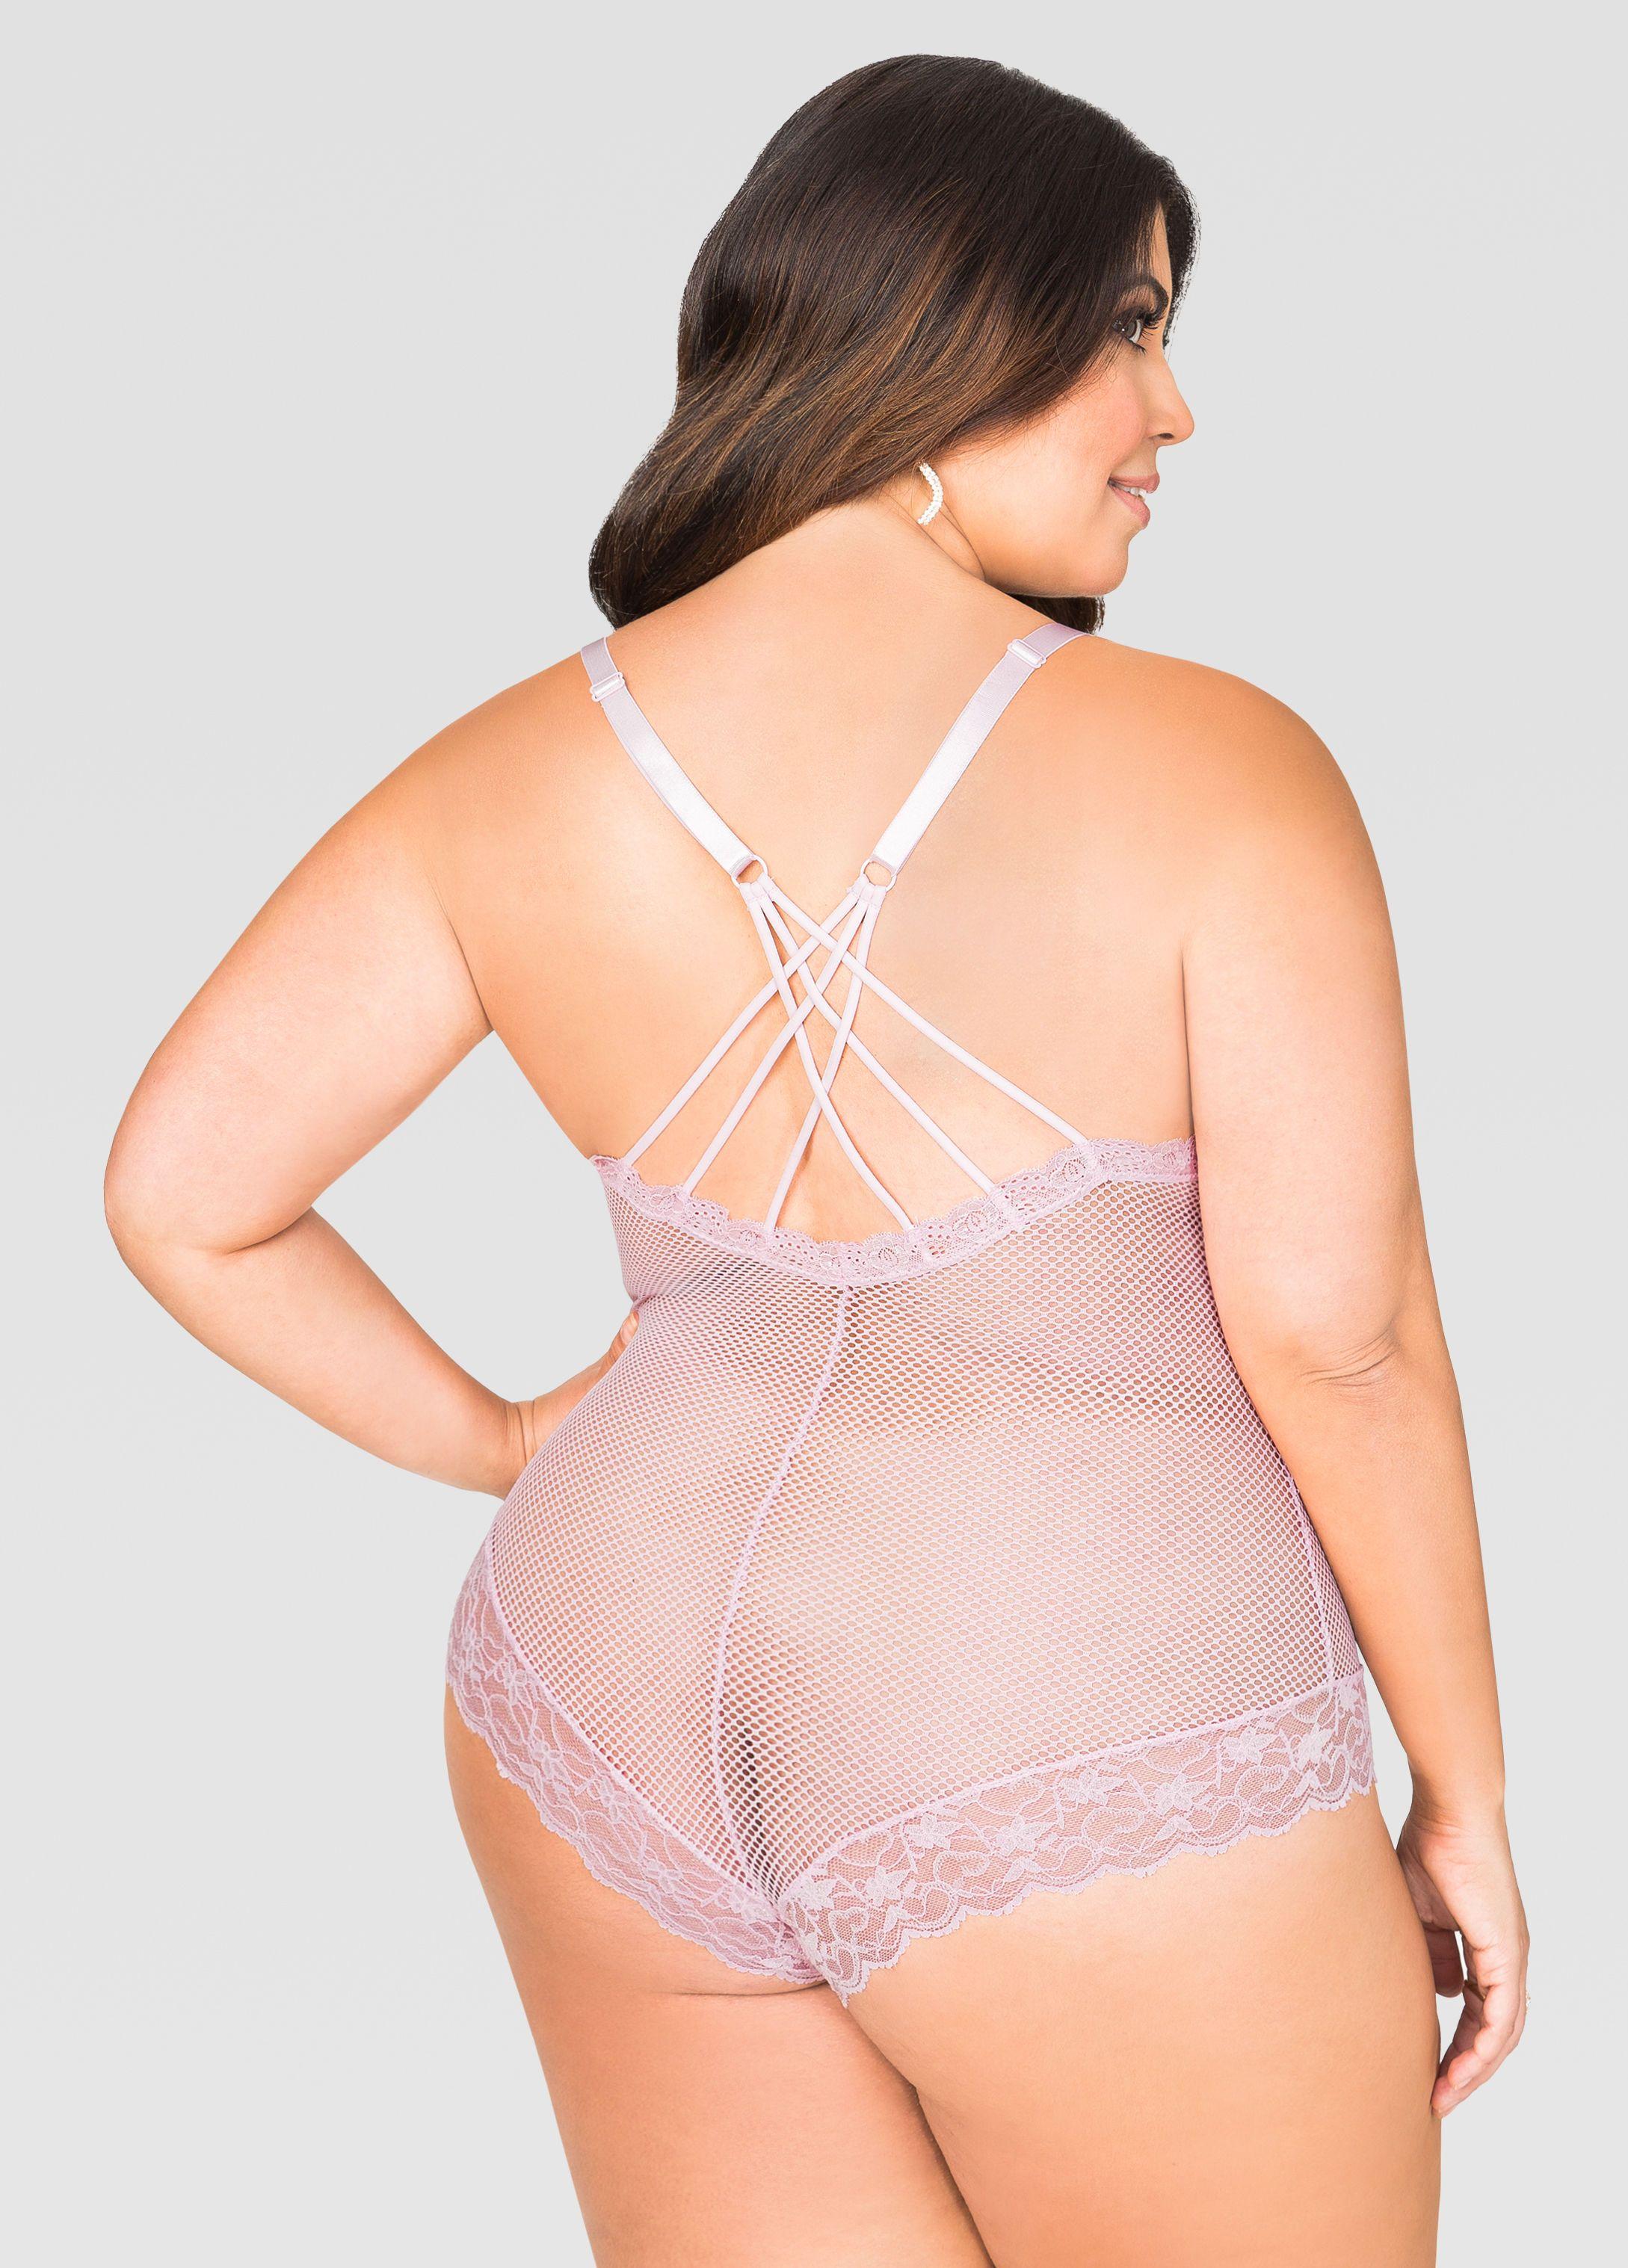 bd57374b536 Mesh N  Lace Teddy Lingerie Bodysuit - Ashley Stewart